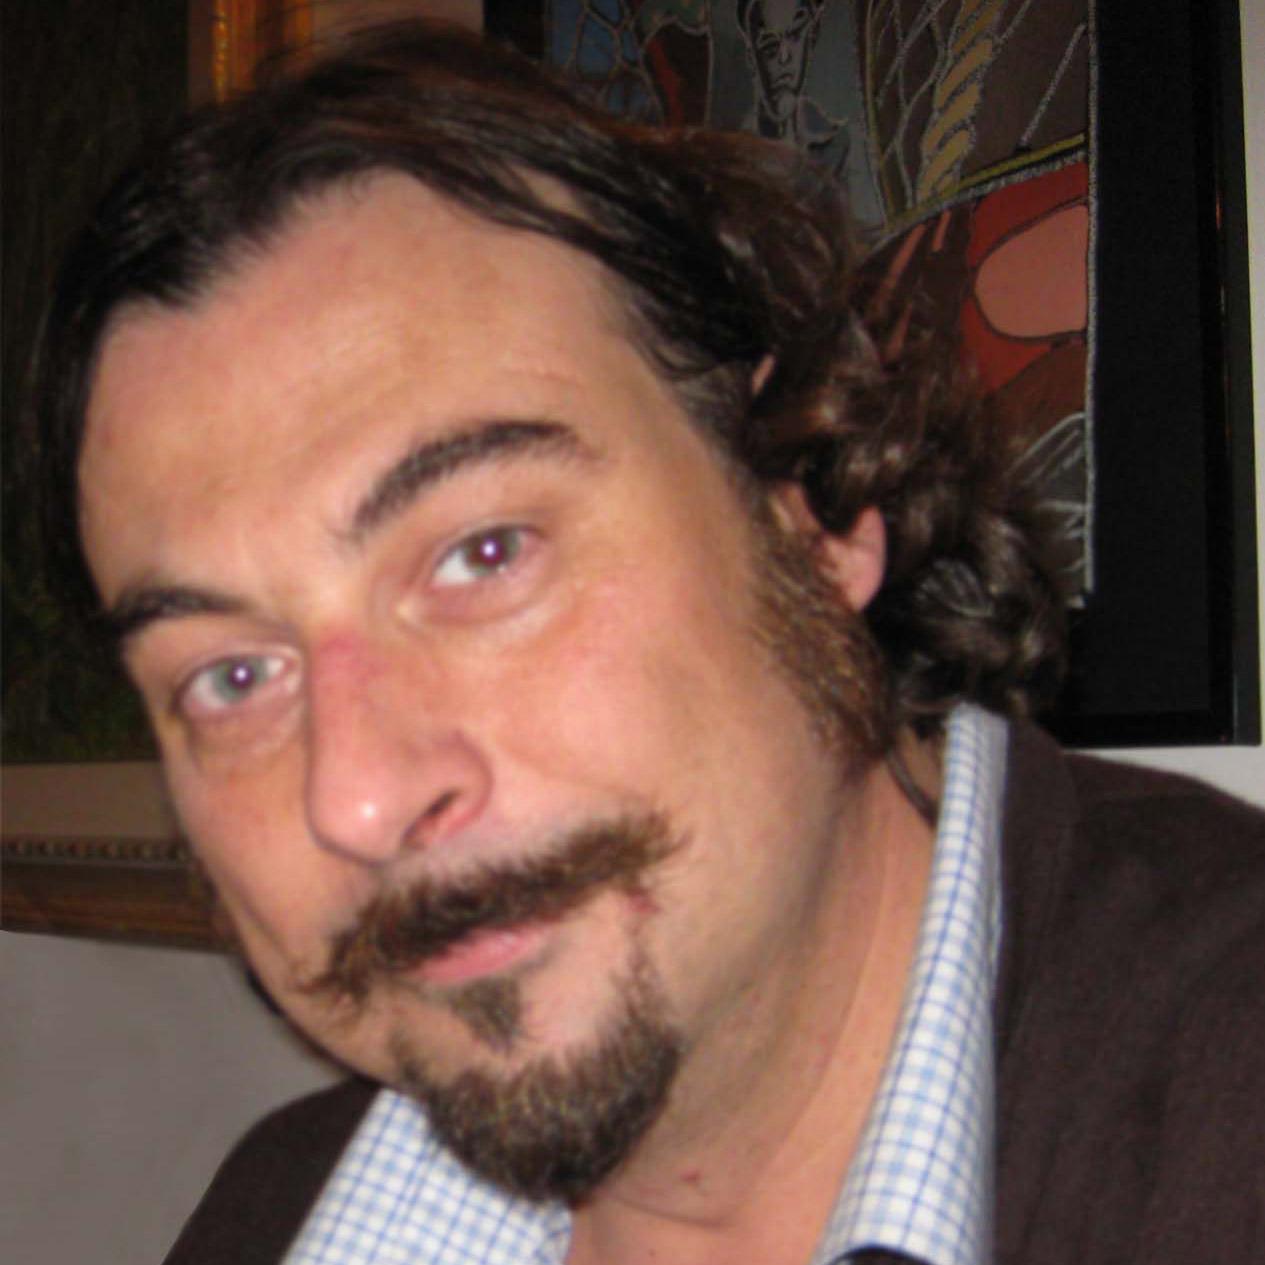 Alberto Calderini